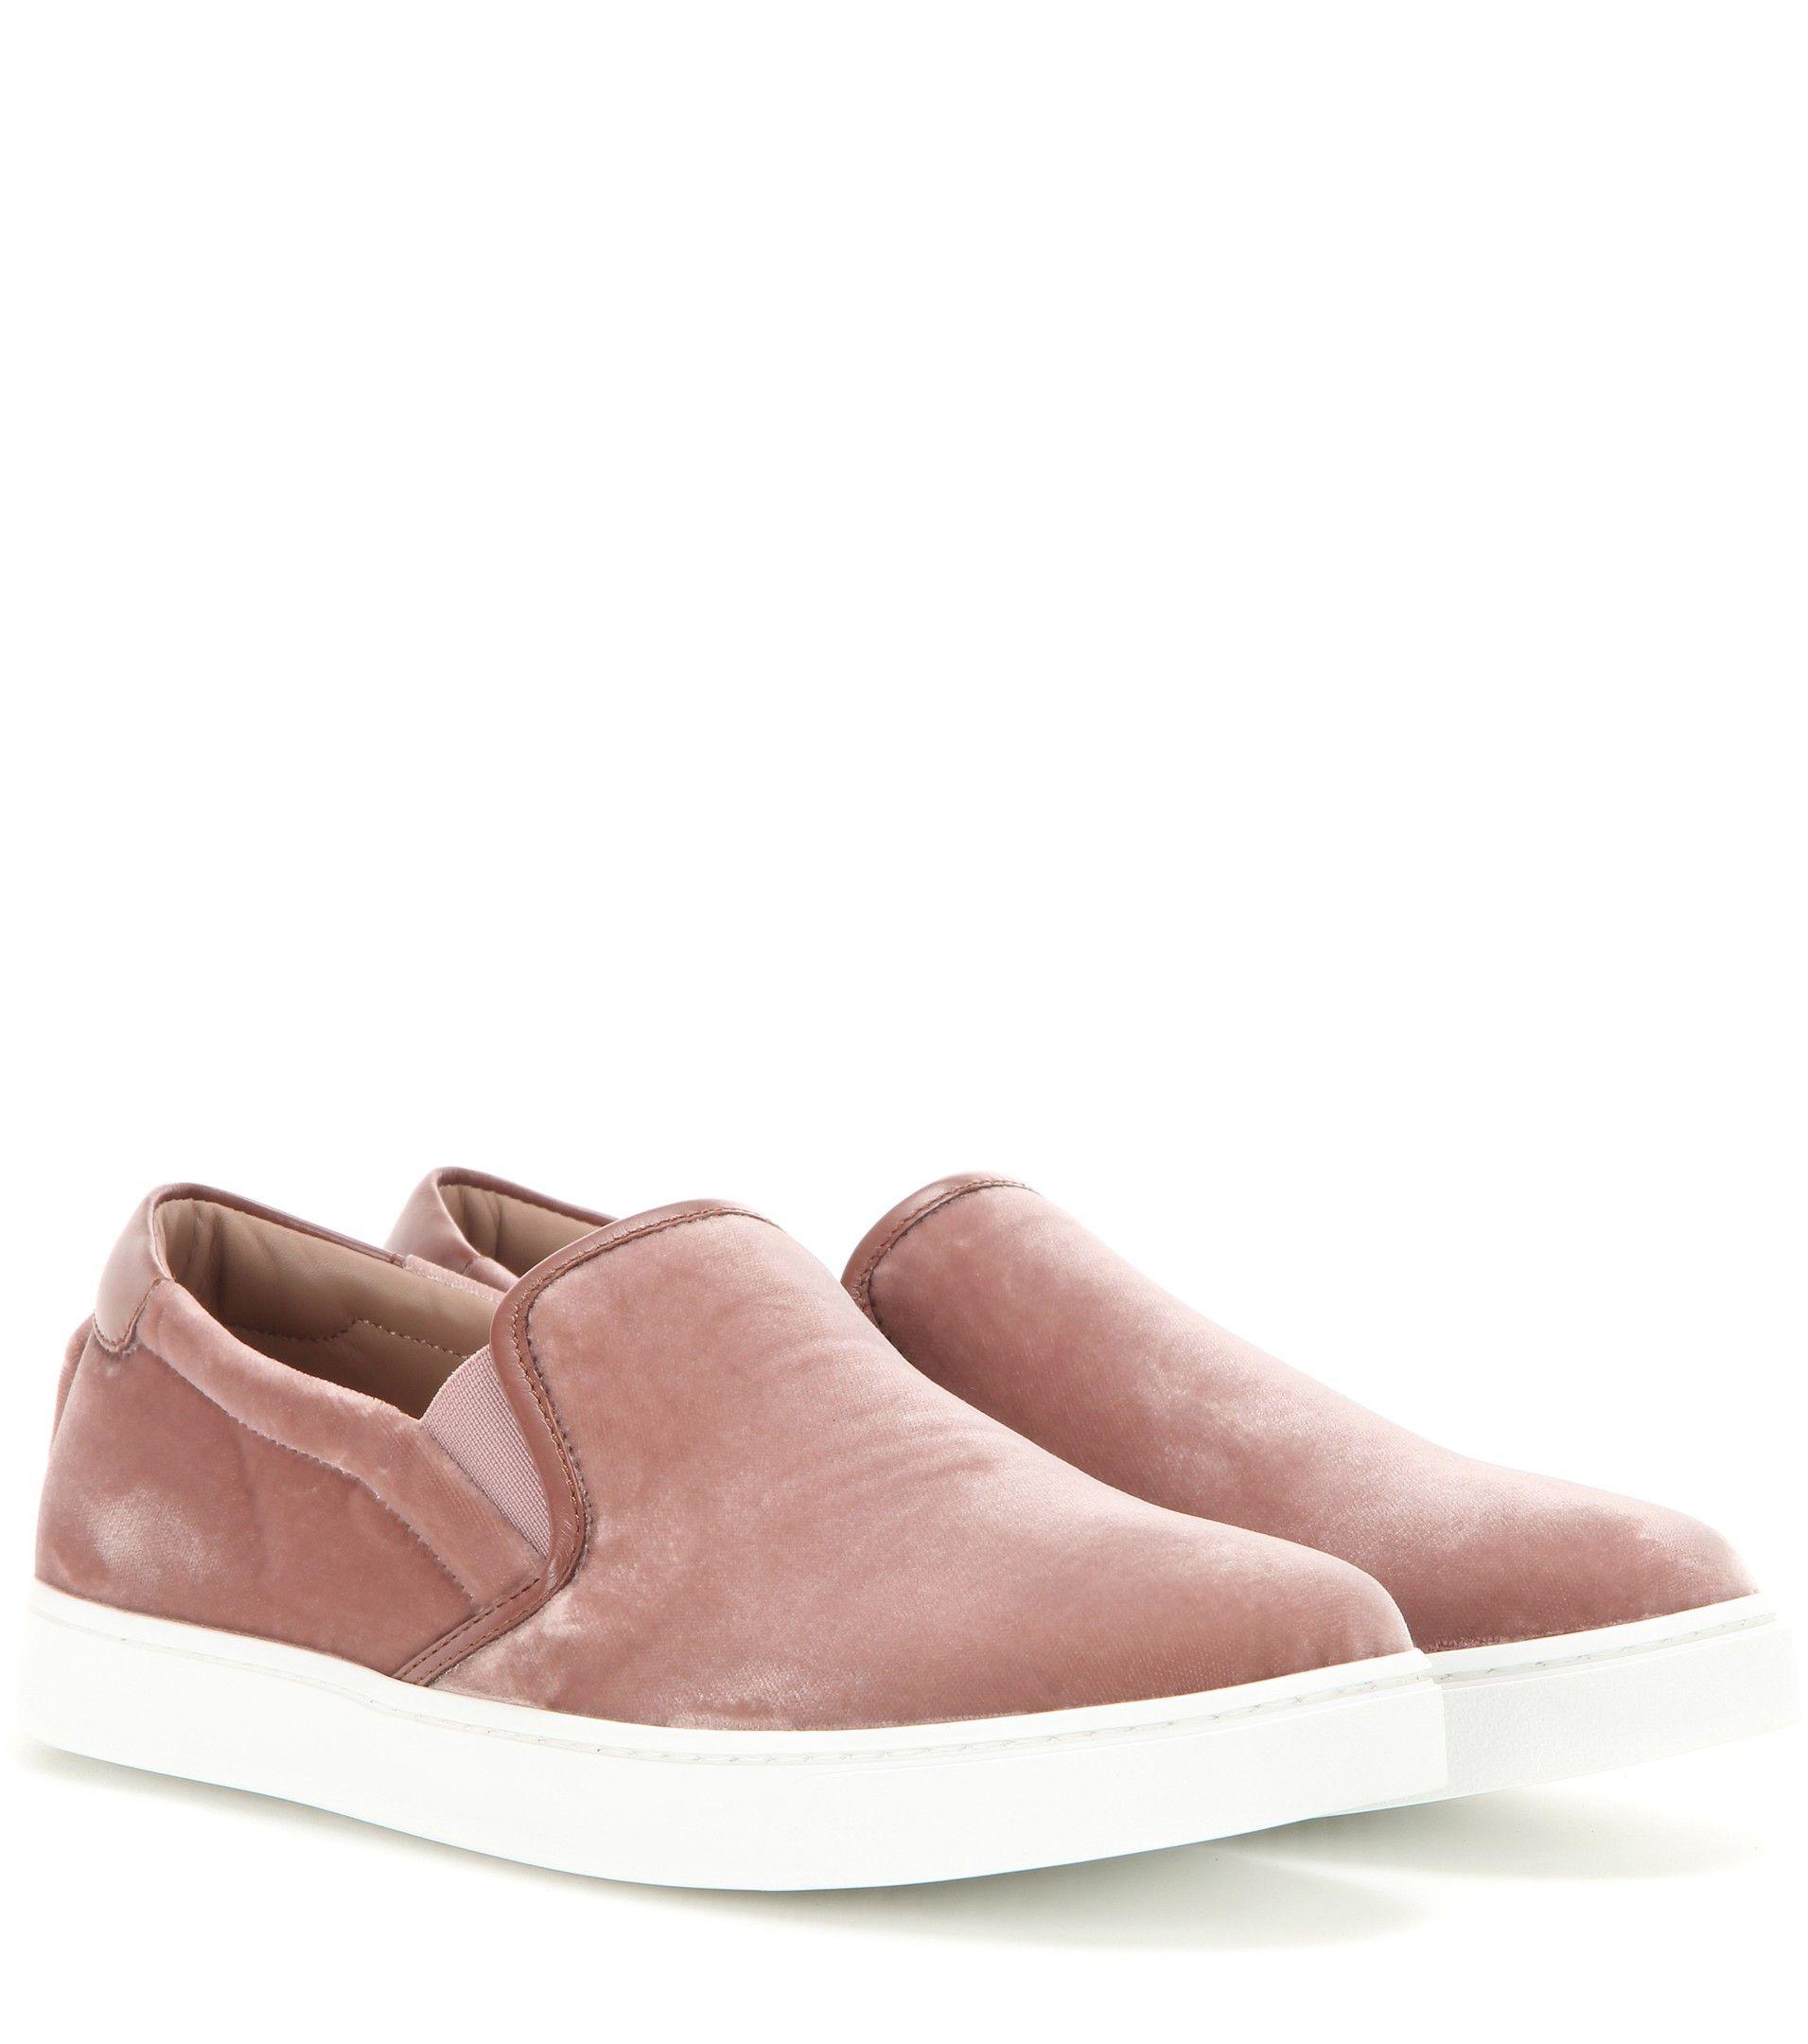 Velvet Sneakers Fashion Venice Slip On Luxury For DE2WH9IY